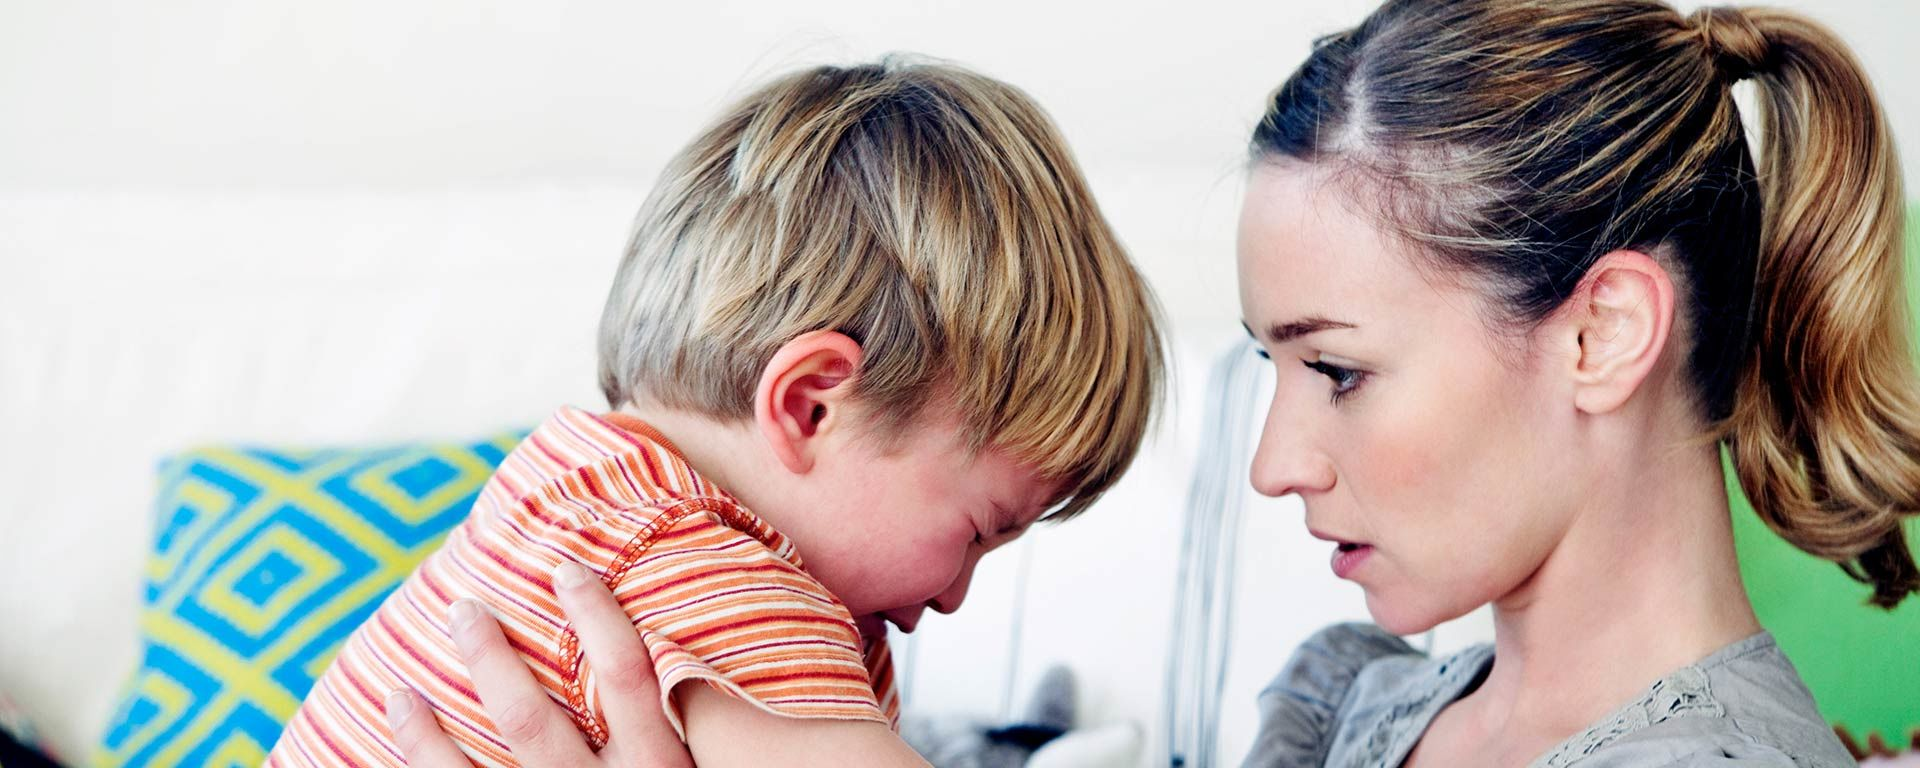 Hyväkysymys.fi erbjuder pålitlig kunskap och stöd i föräldraskapet.